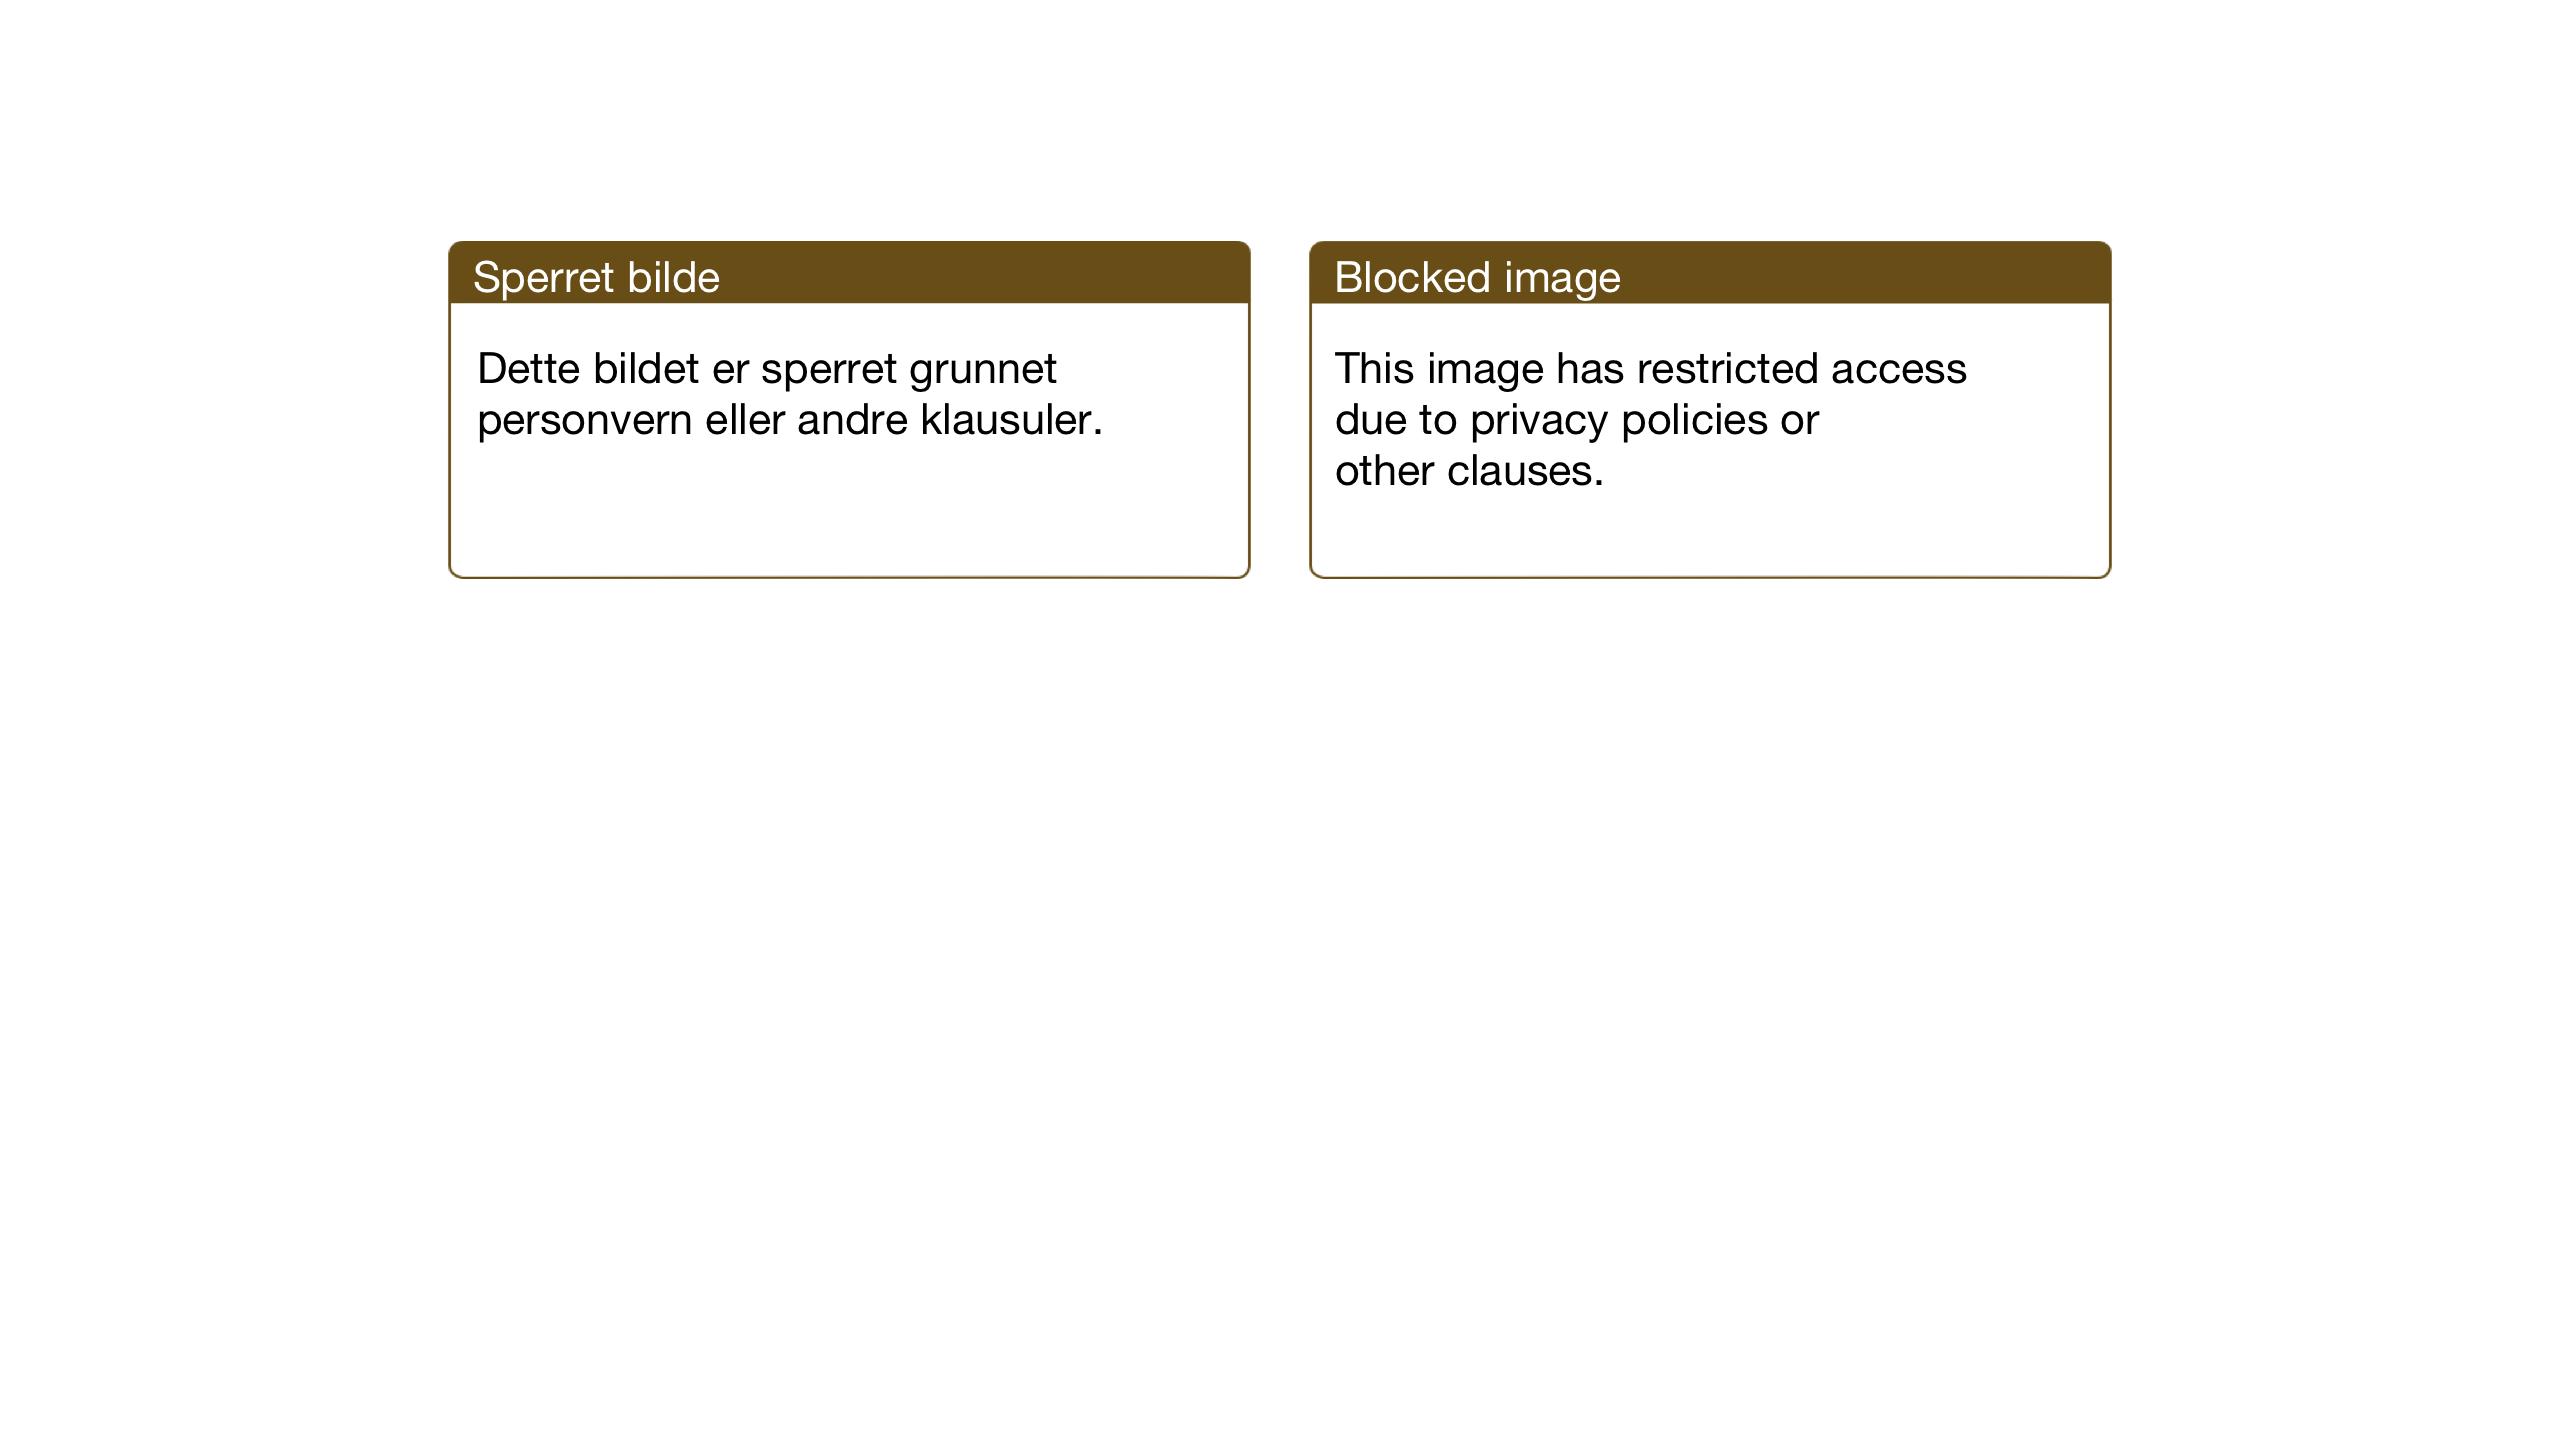 SAT, Ministerialprotokoller, klokkerbøker og fødselsregistre - Nord-Trøndelag, 731/L0312: Klokkerbok nr. 731C03, 1911-1935, s. 50